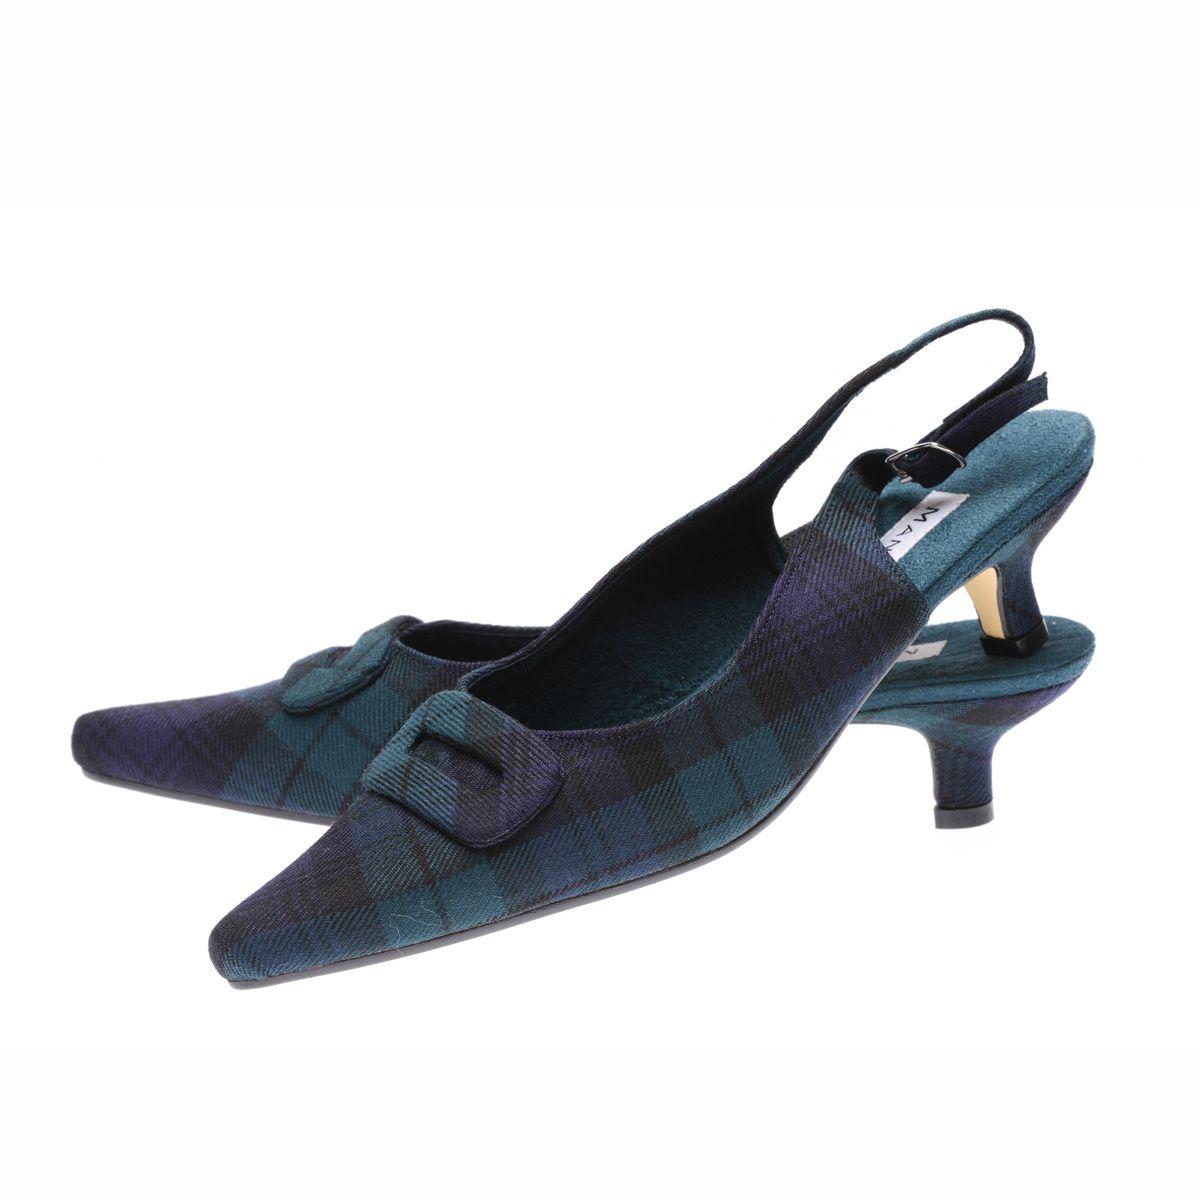 Mandarina Shoes Kitten Heel Shoes Heels Kitten Heels